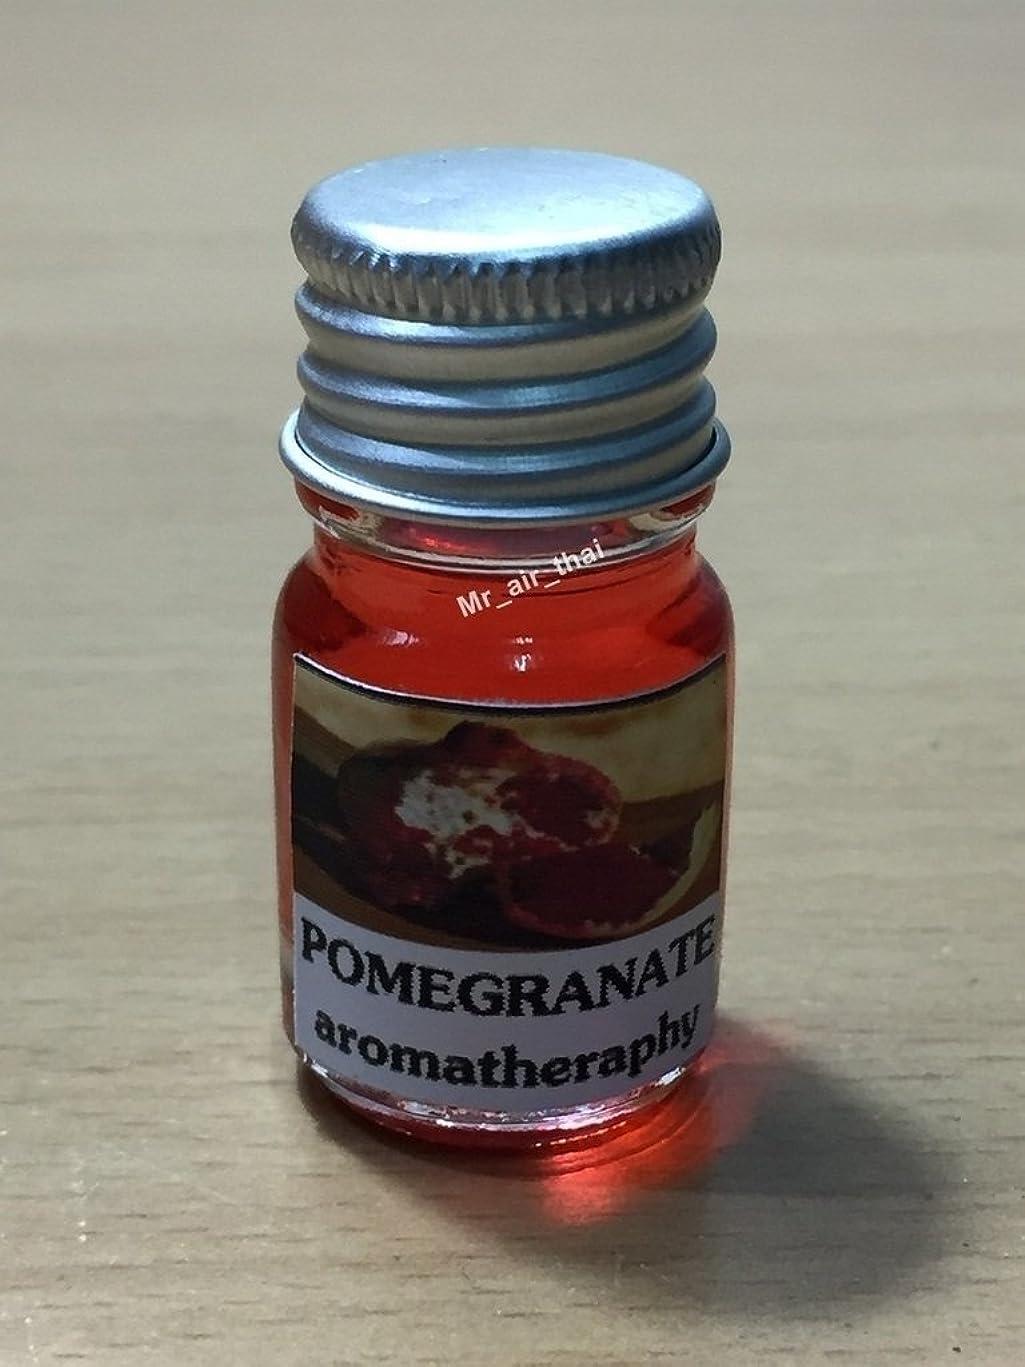 リマ不一致ハリウッド5ミリリットルアロマザクロフランクインセンスエッセンシャルオイルボトルアロマテラピーオイル自然自然5ml Aroma Pomegranate Frankincense Essential Oil Bottles Aromatherapy Oils natural nature